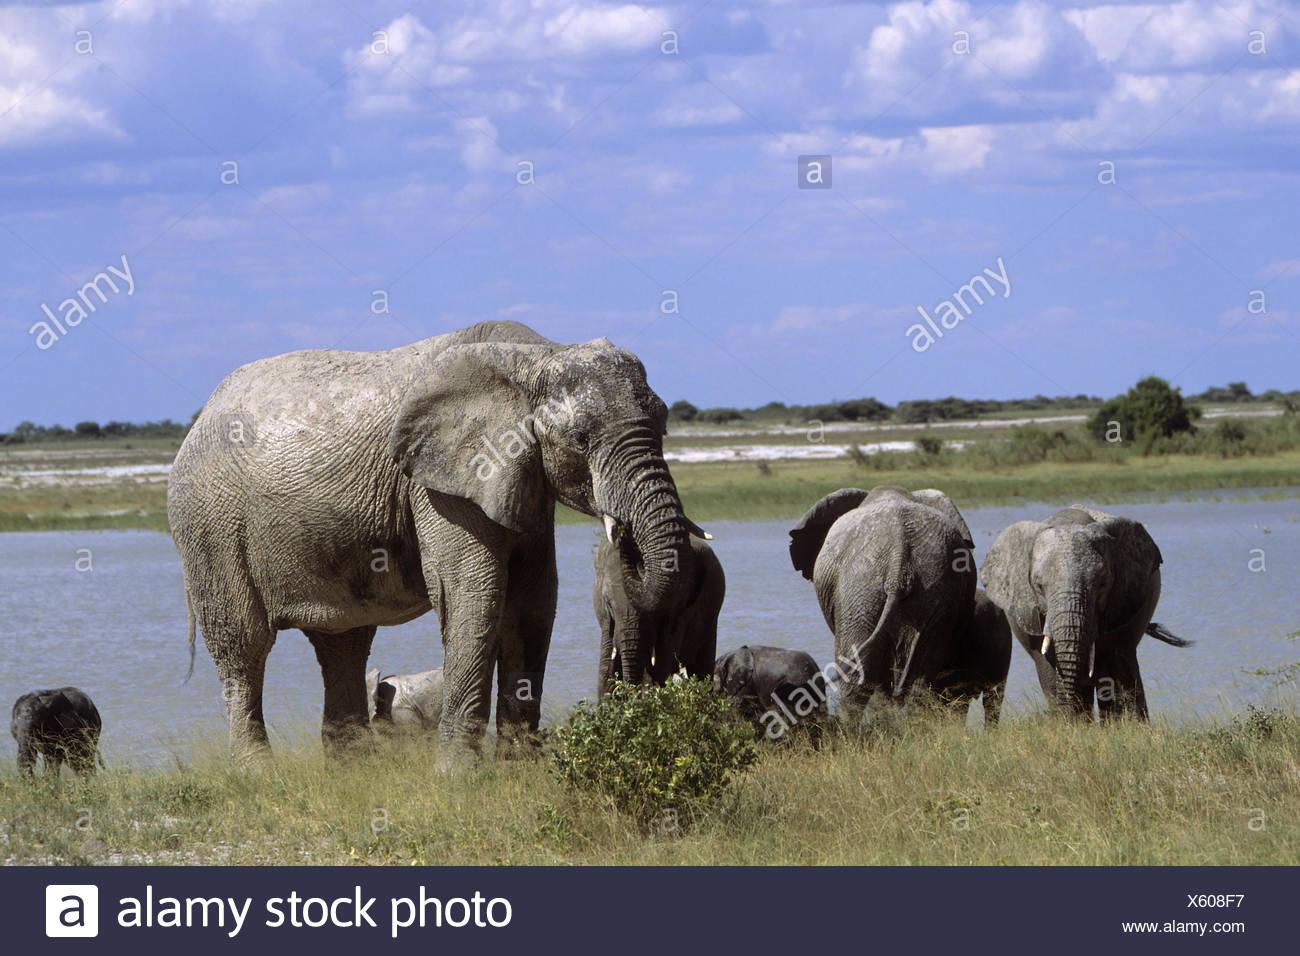 elephants - Stock Image